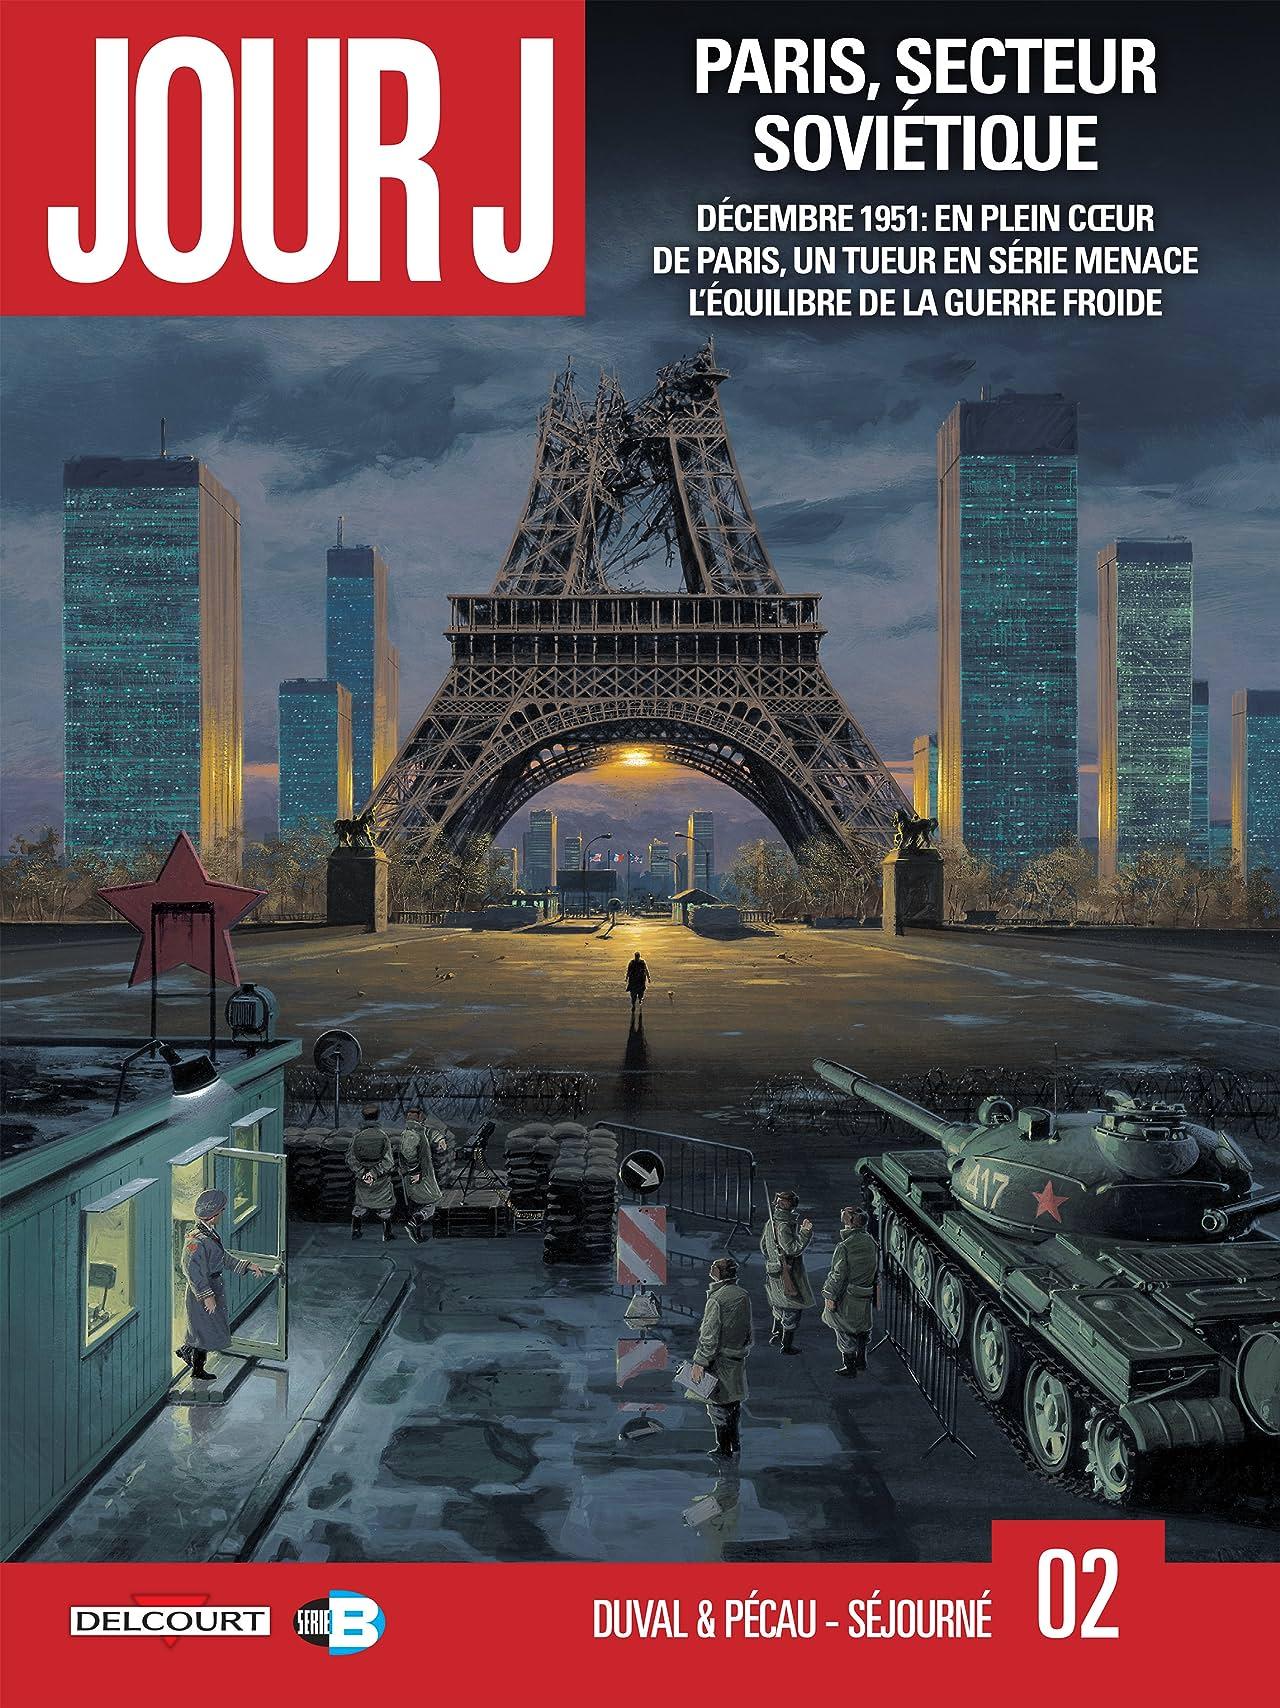 Jour J Vol. 2: Paris, secteur soviétique